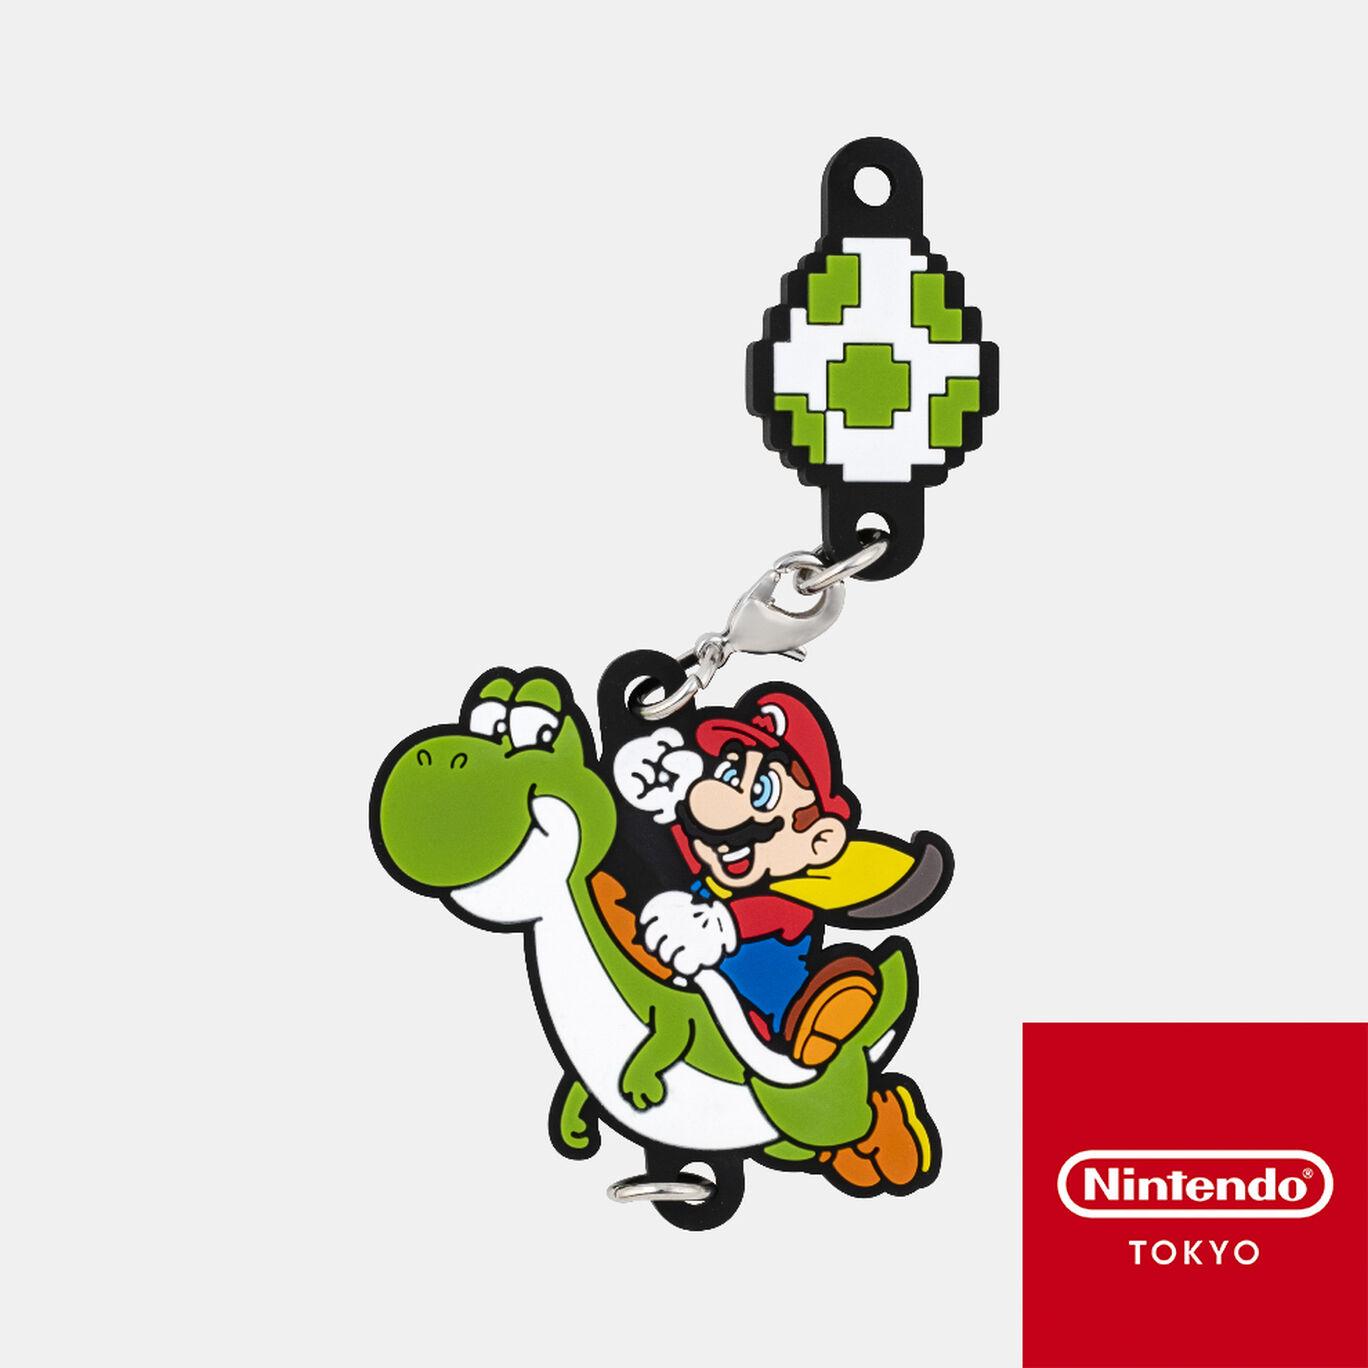 つながるラバーストラップ スーパーマリオワールド【Nintendo TOKYO取り扱い商品】